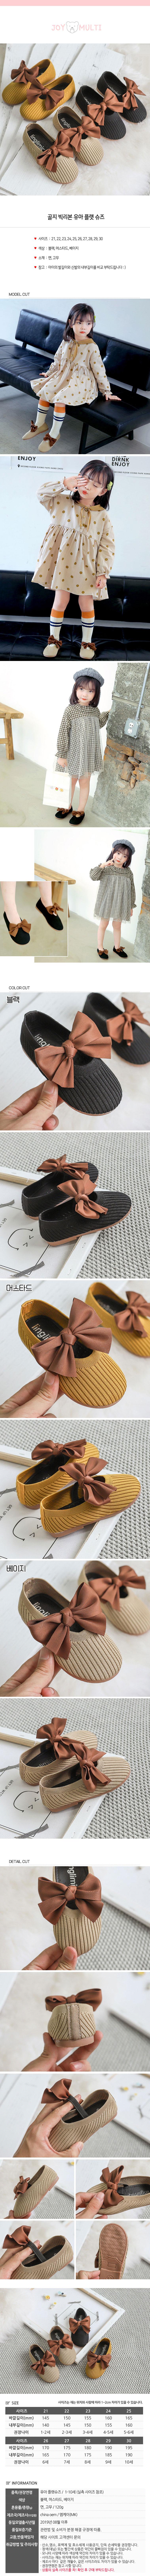 골지 빅리본 유아 플랫 슈즈(1-10세) 203949 - 조이멀티, 18,800원, 신발, 단화/구두